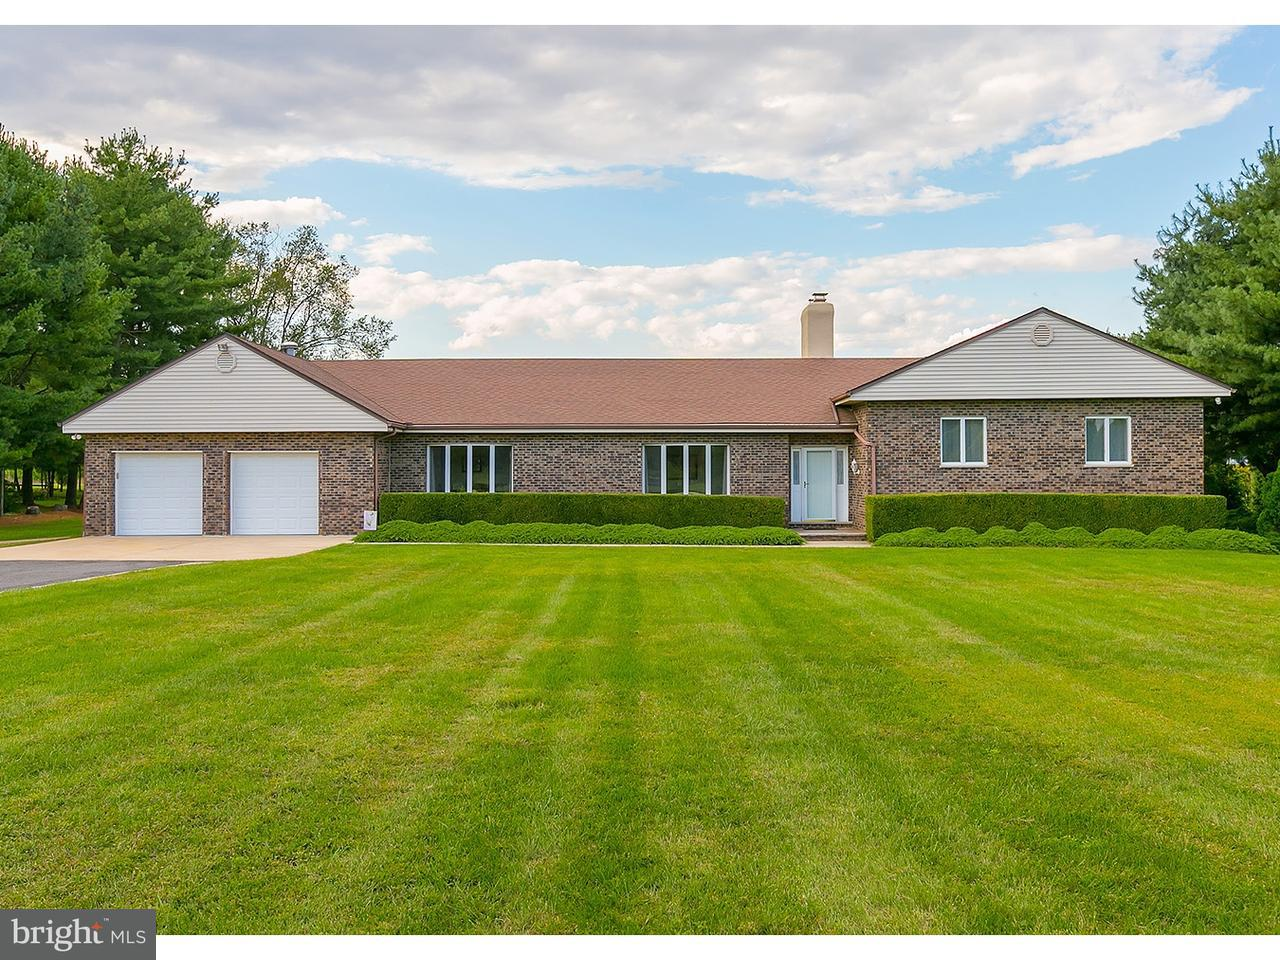 Частный односемейный дом для того Продажа на 643 DUTCH MILL Road Franklinville, Нью-Джерси 08344 Соединенные ШтатыВ/Около: Franklin Township